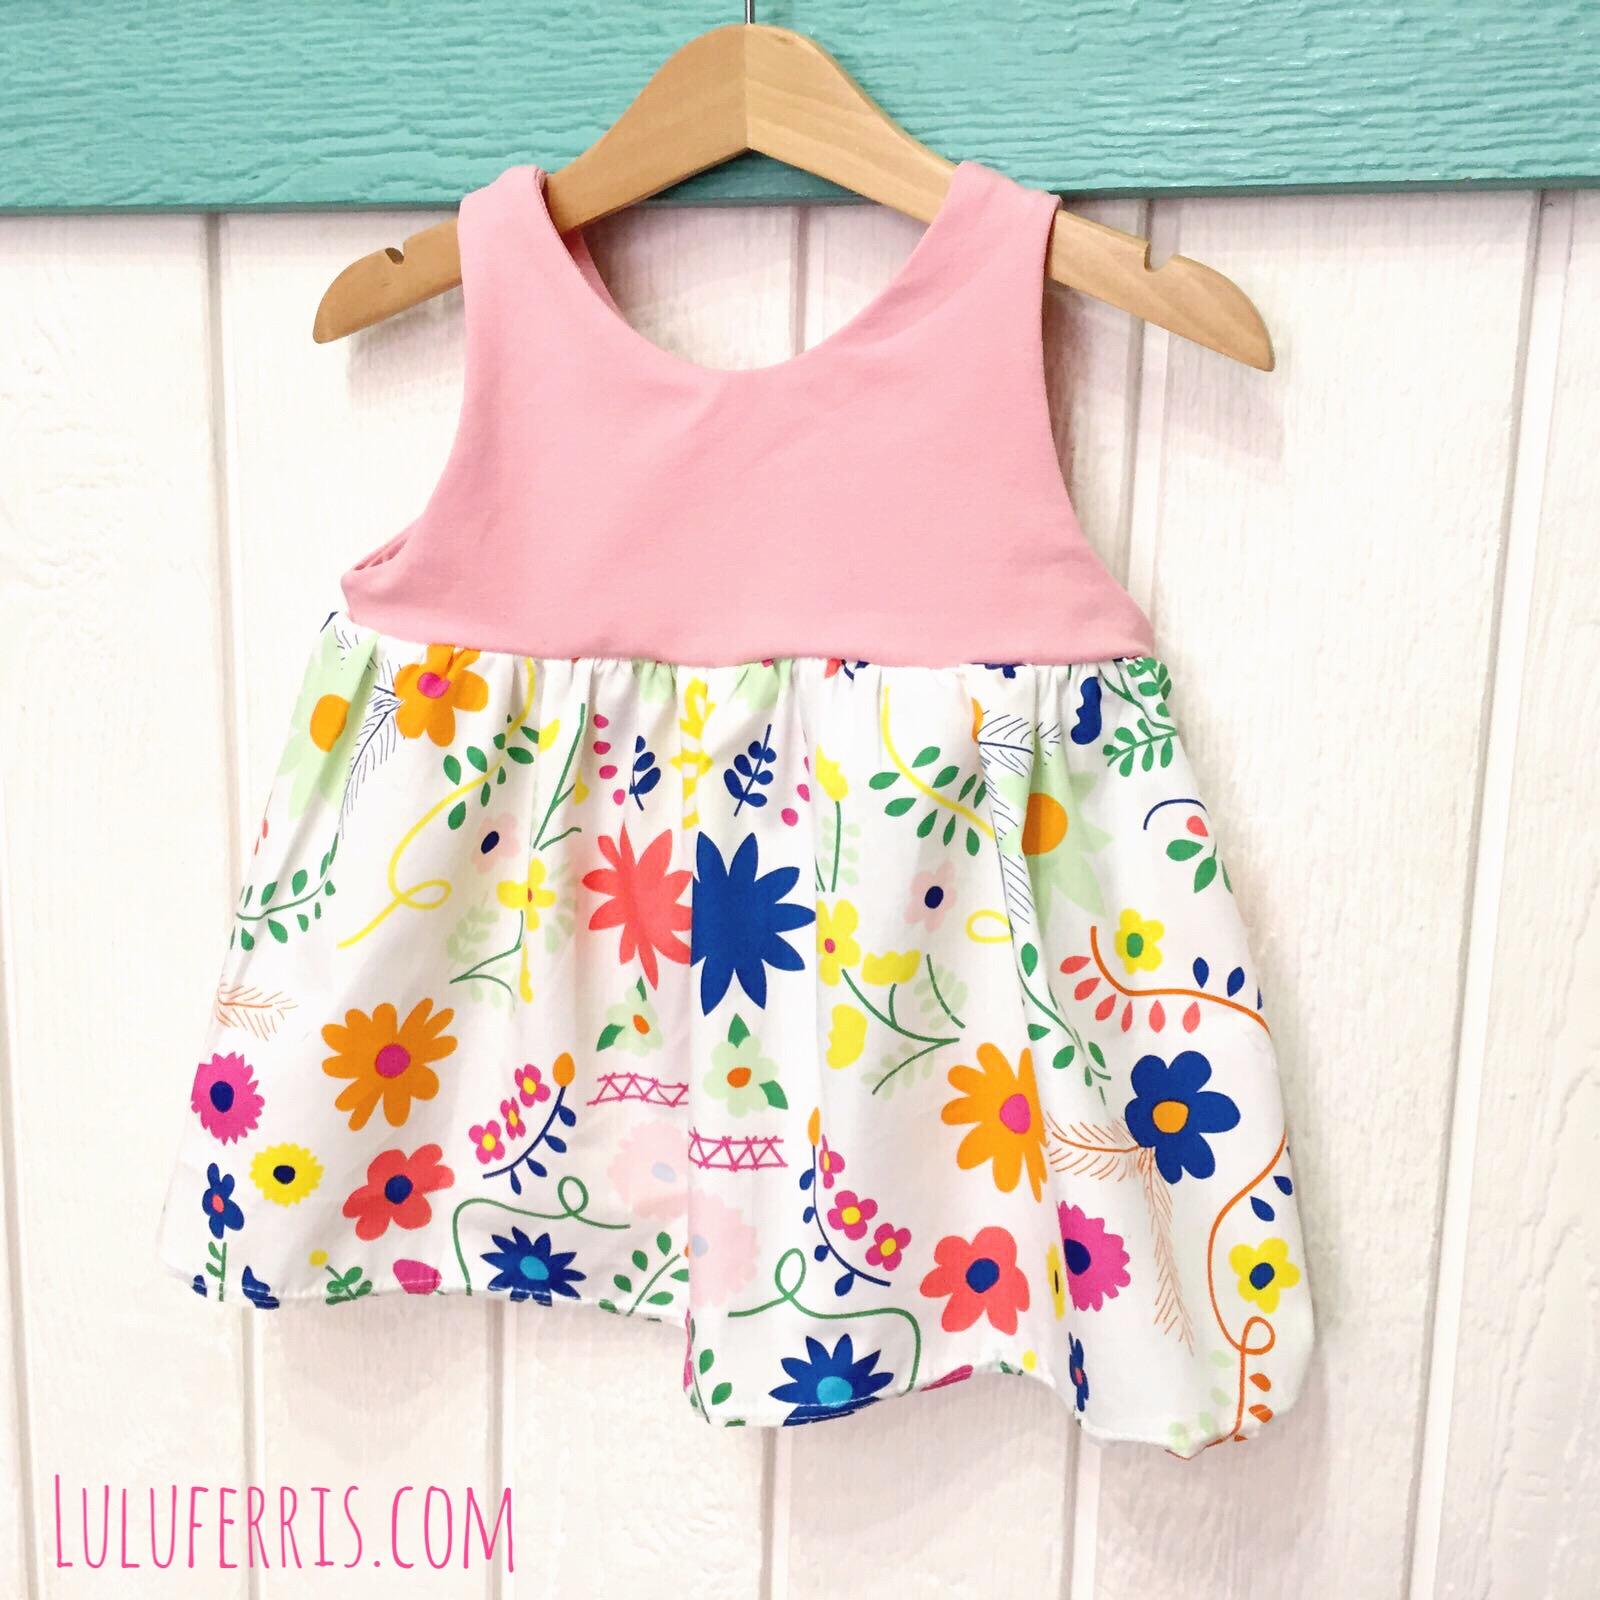 Vestido de tirantes para niña y bebé: patrón incluido [Videotutorial ...